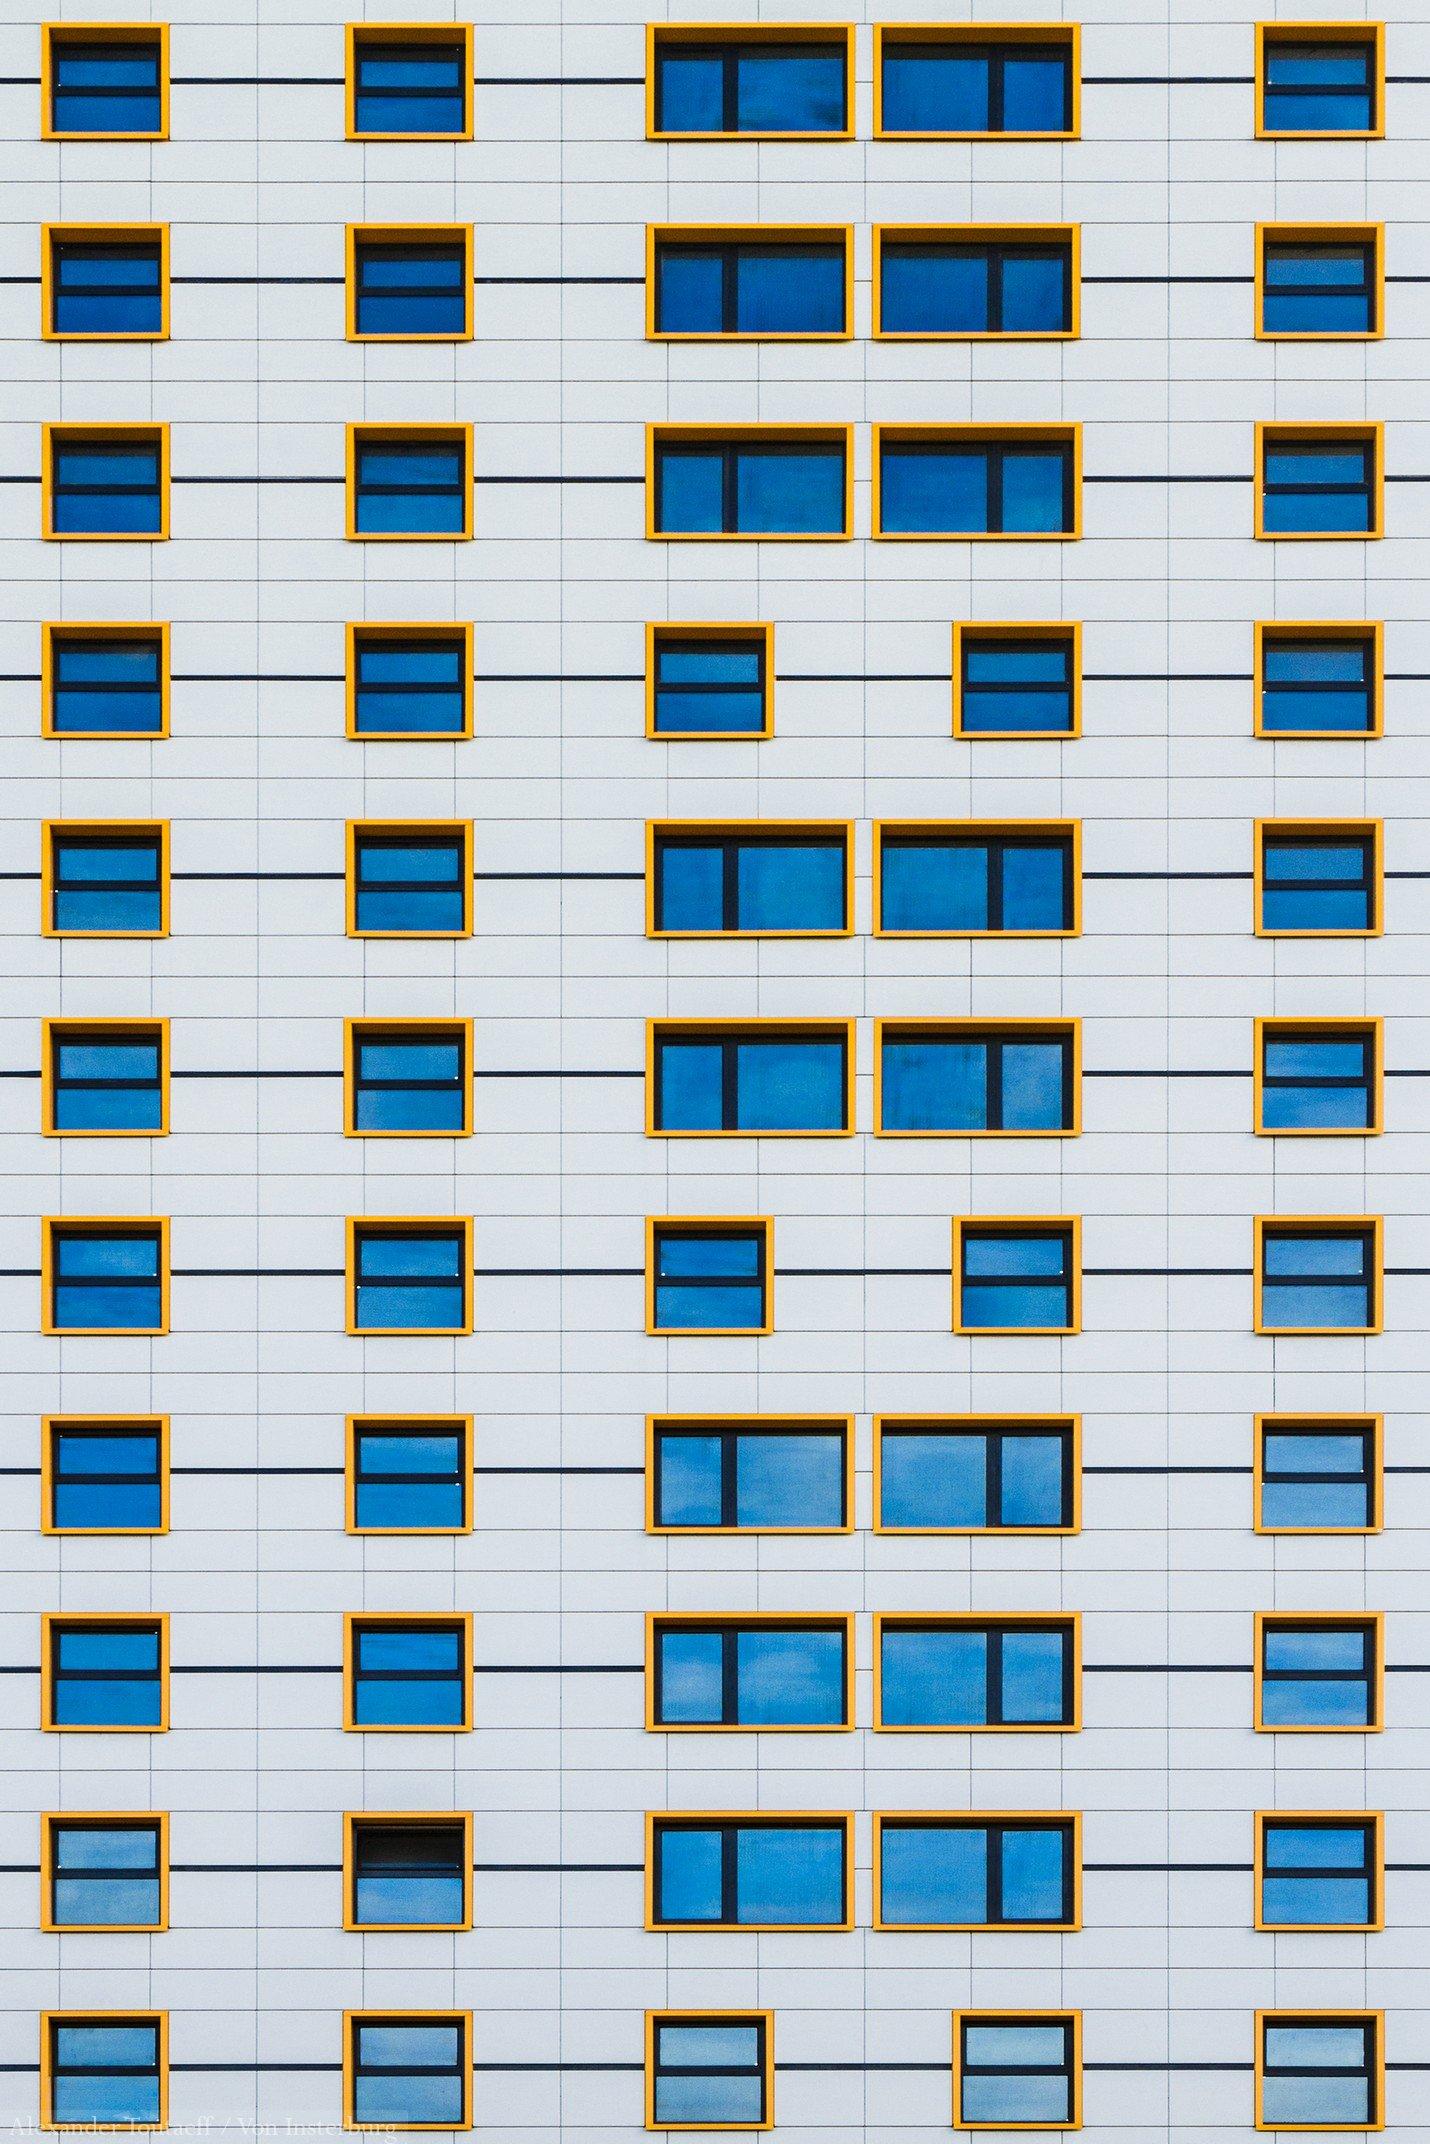 город, архитектура, стены, окна, стена, цвет, белый, синий, желтый,концепт, фасад, architecture, wall, city, building, colours, abstract, windows,, АлександрТутаев